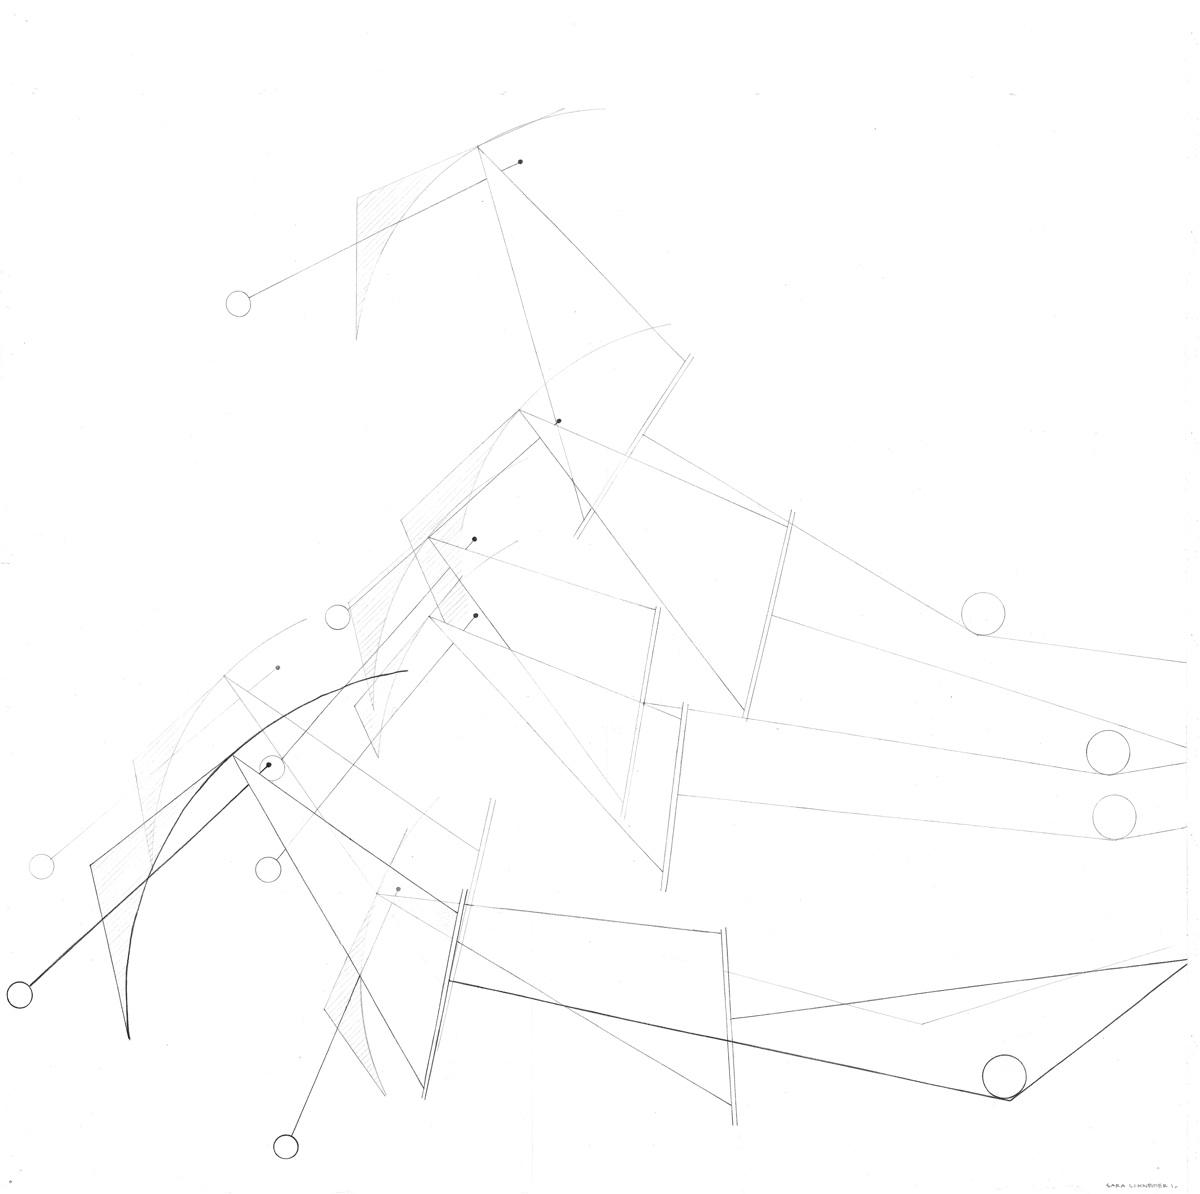 FA11_SSCHNEIDER_201-03_p1A-1w.jpg